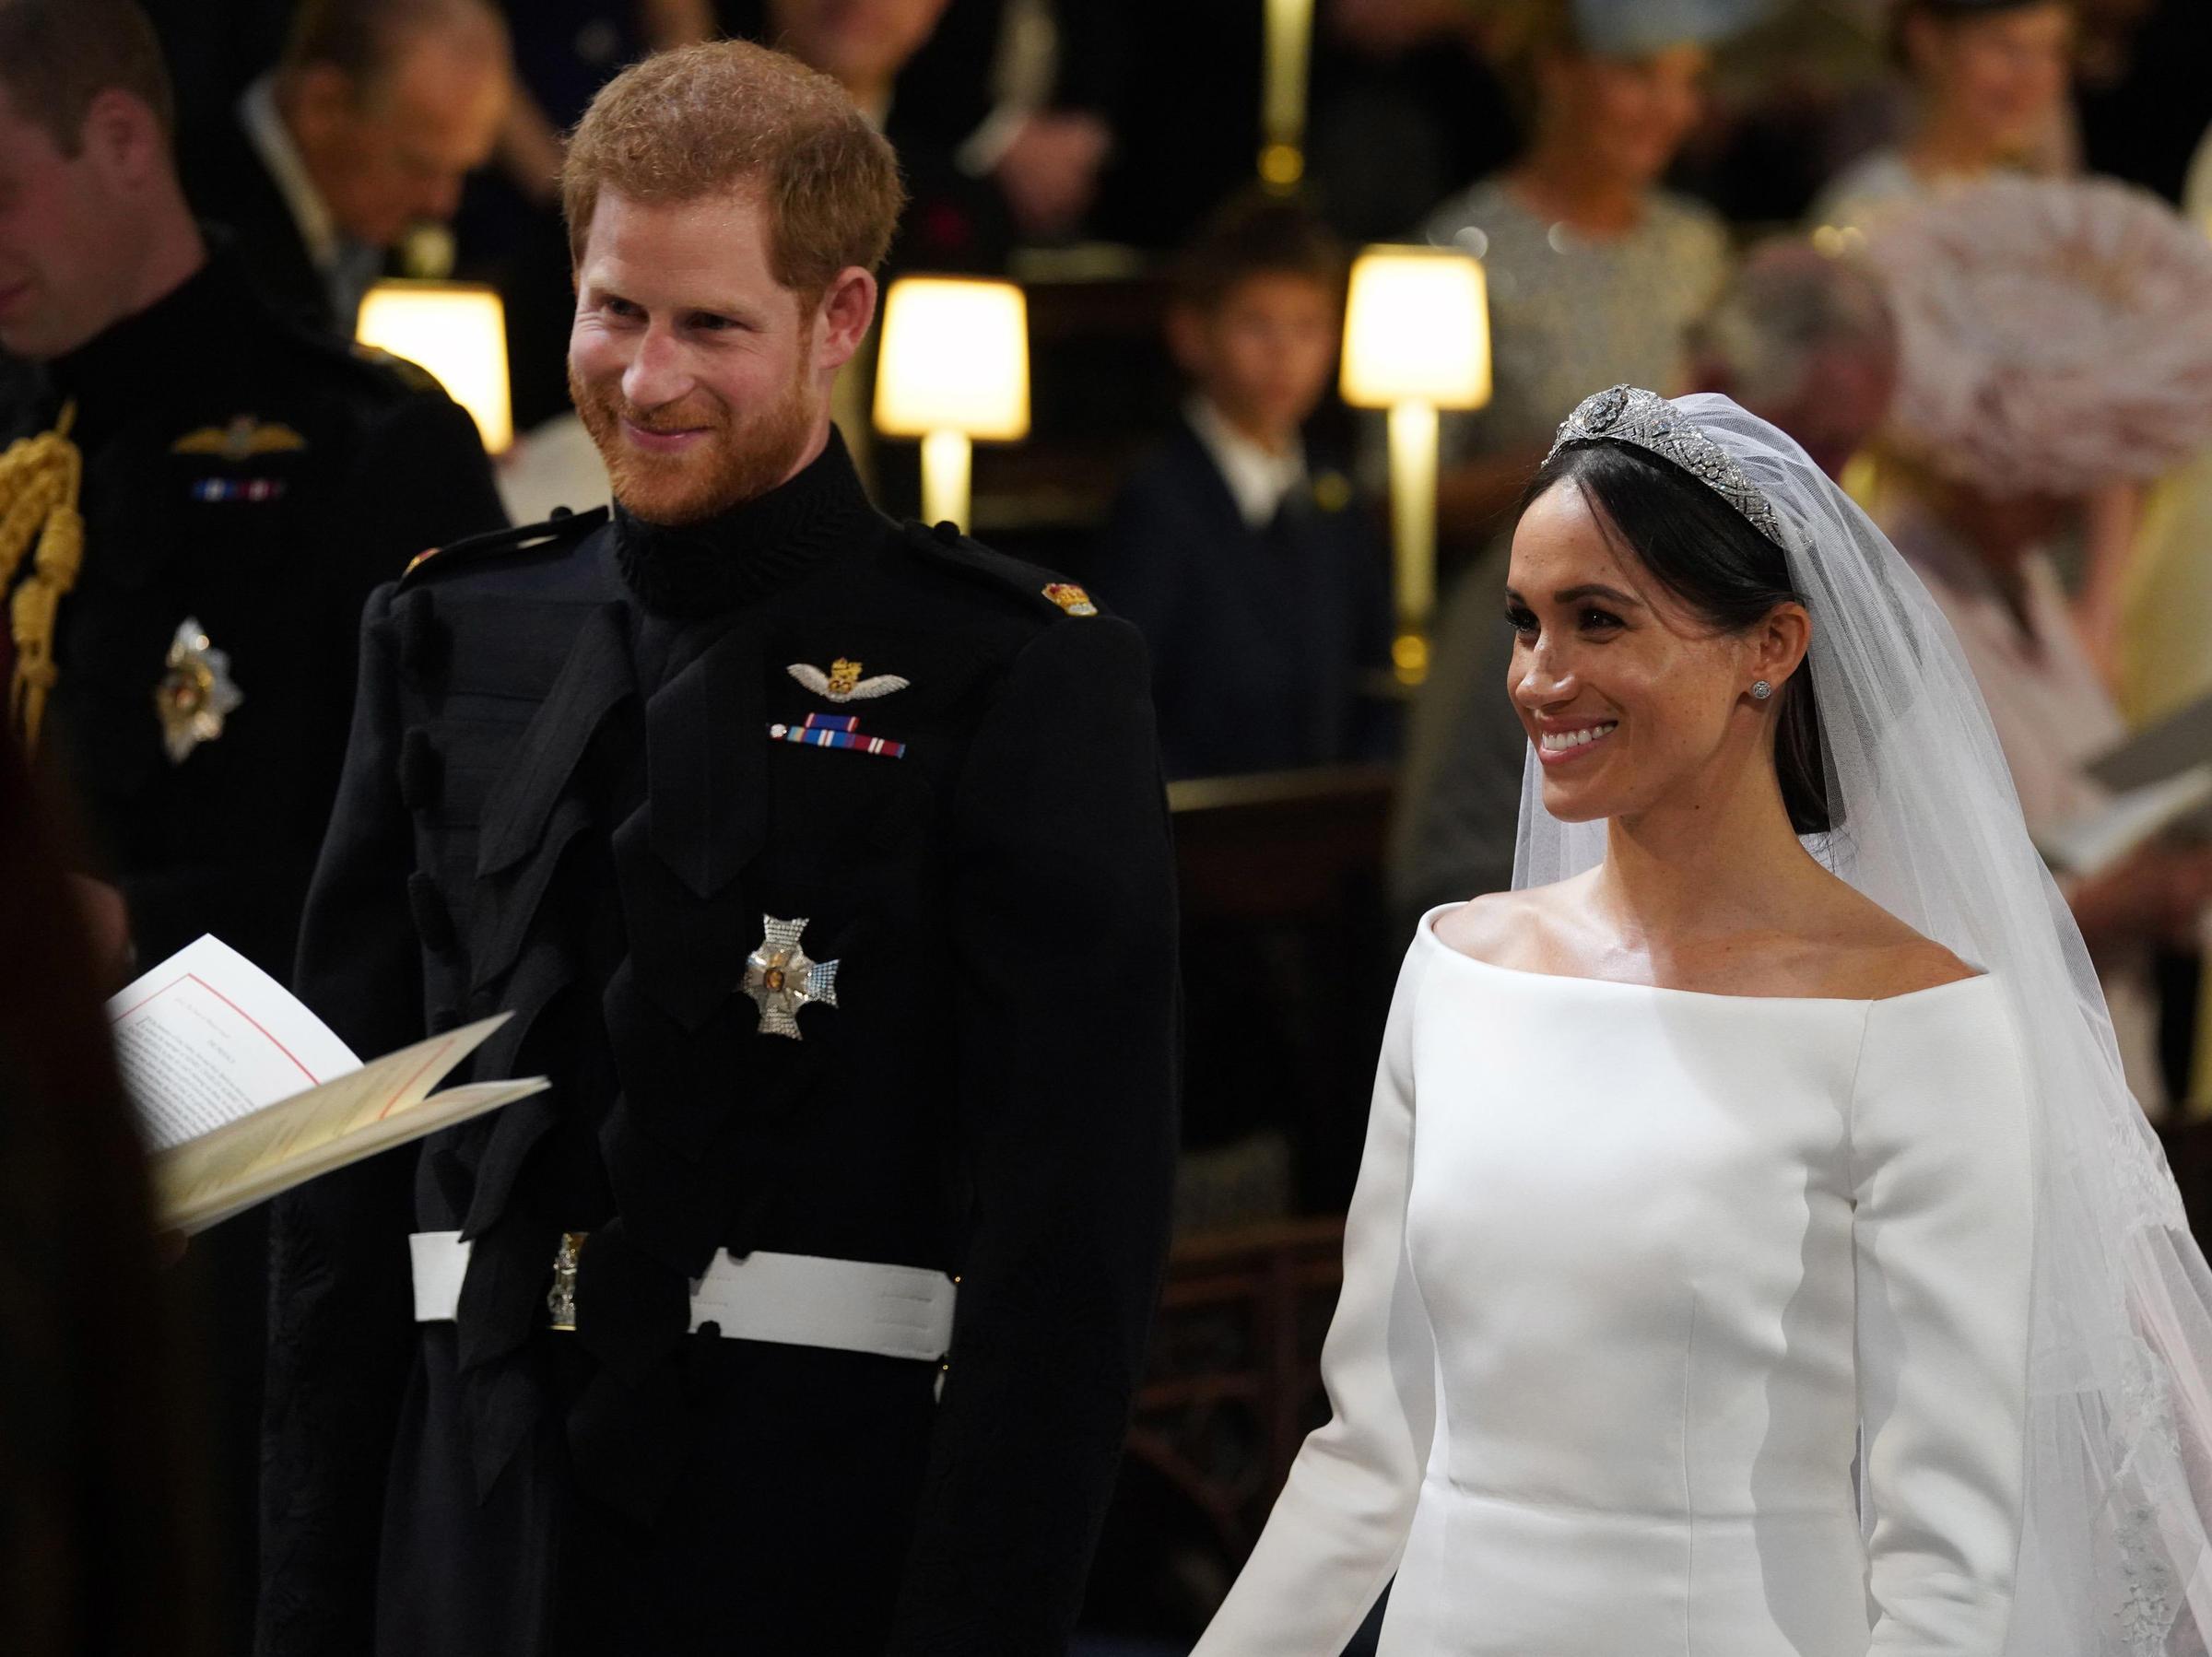 Royal Wedding Meghan Markle.The Royal Wedding Of Prince Harry And Meghan Markle